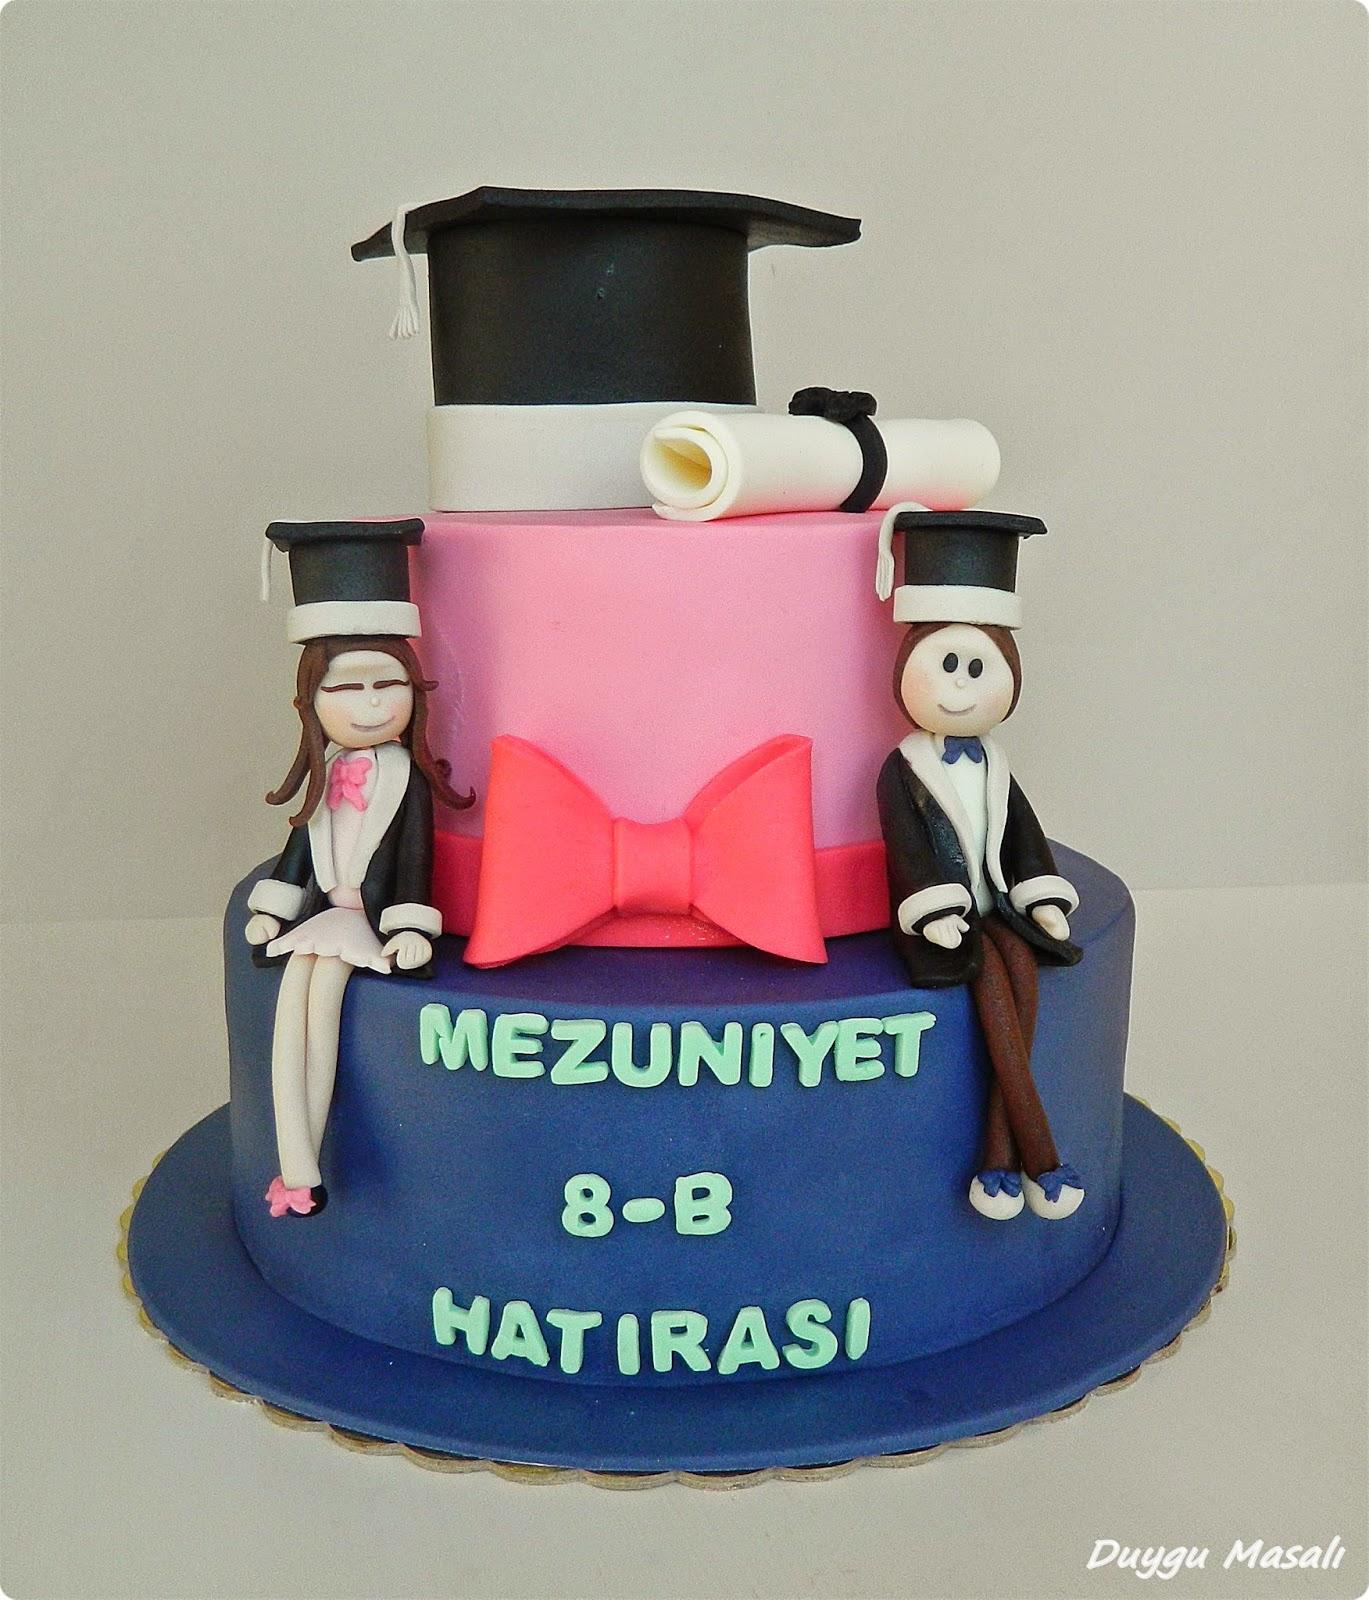 edirne mezuniyet butik pasta